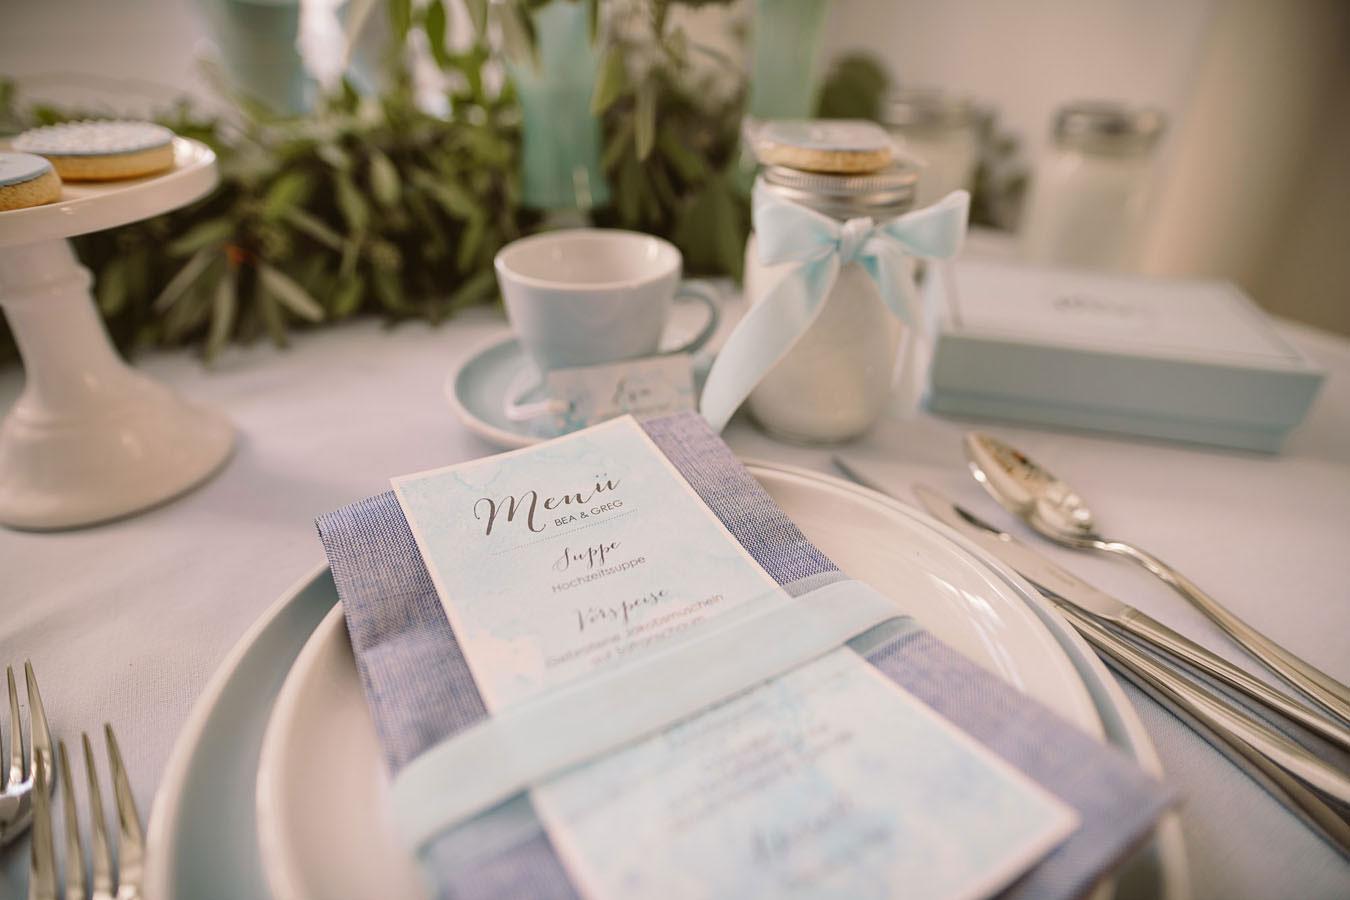 Sylt Aquarell Menü mit Tischkarte im zarten Blau